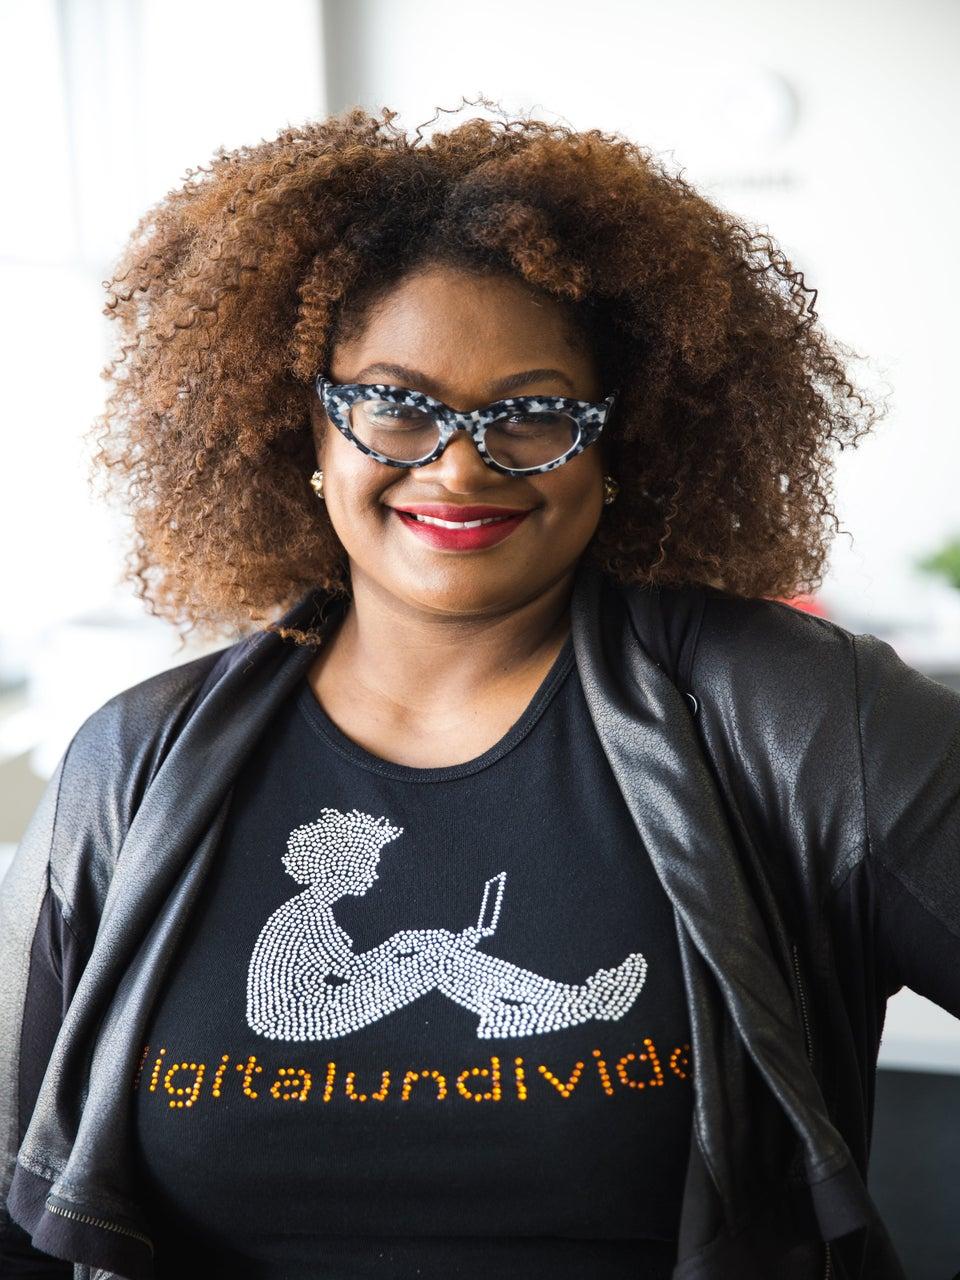 Meet Kathryn Finney The Fairy Godmother of Tech Start-ups